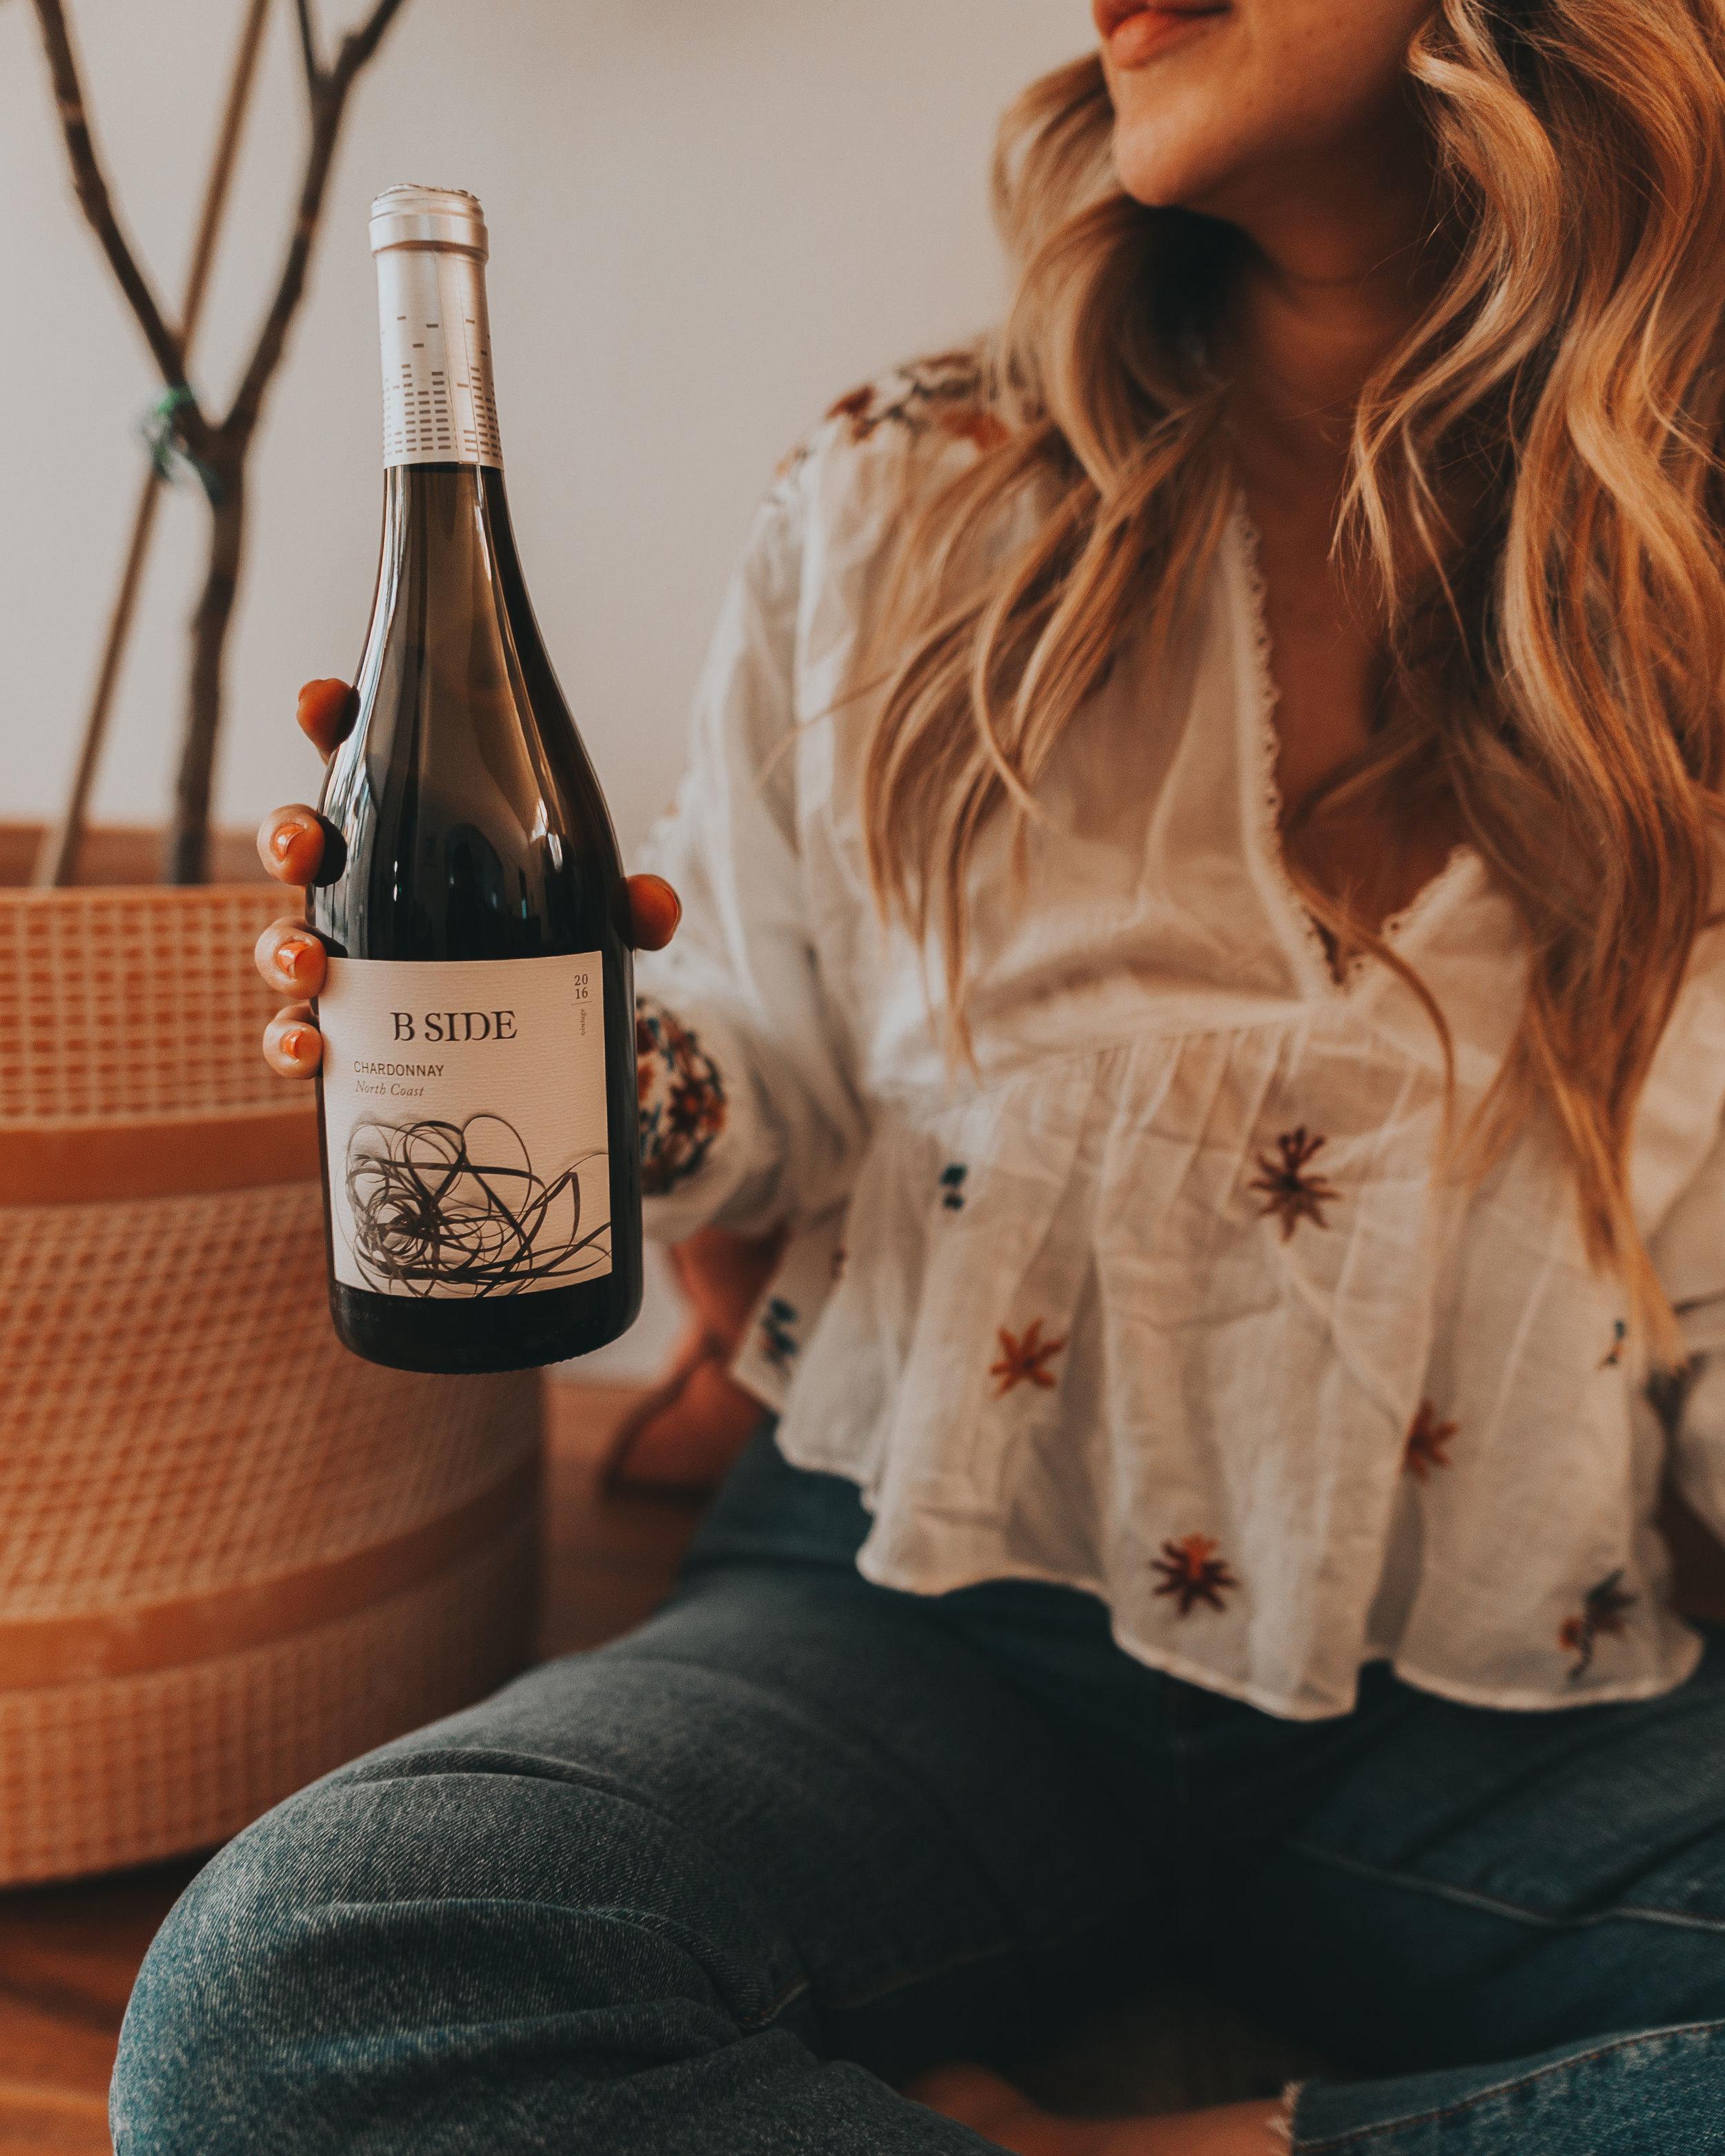 b-side-wines7